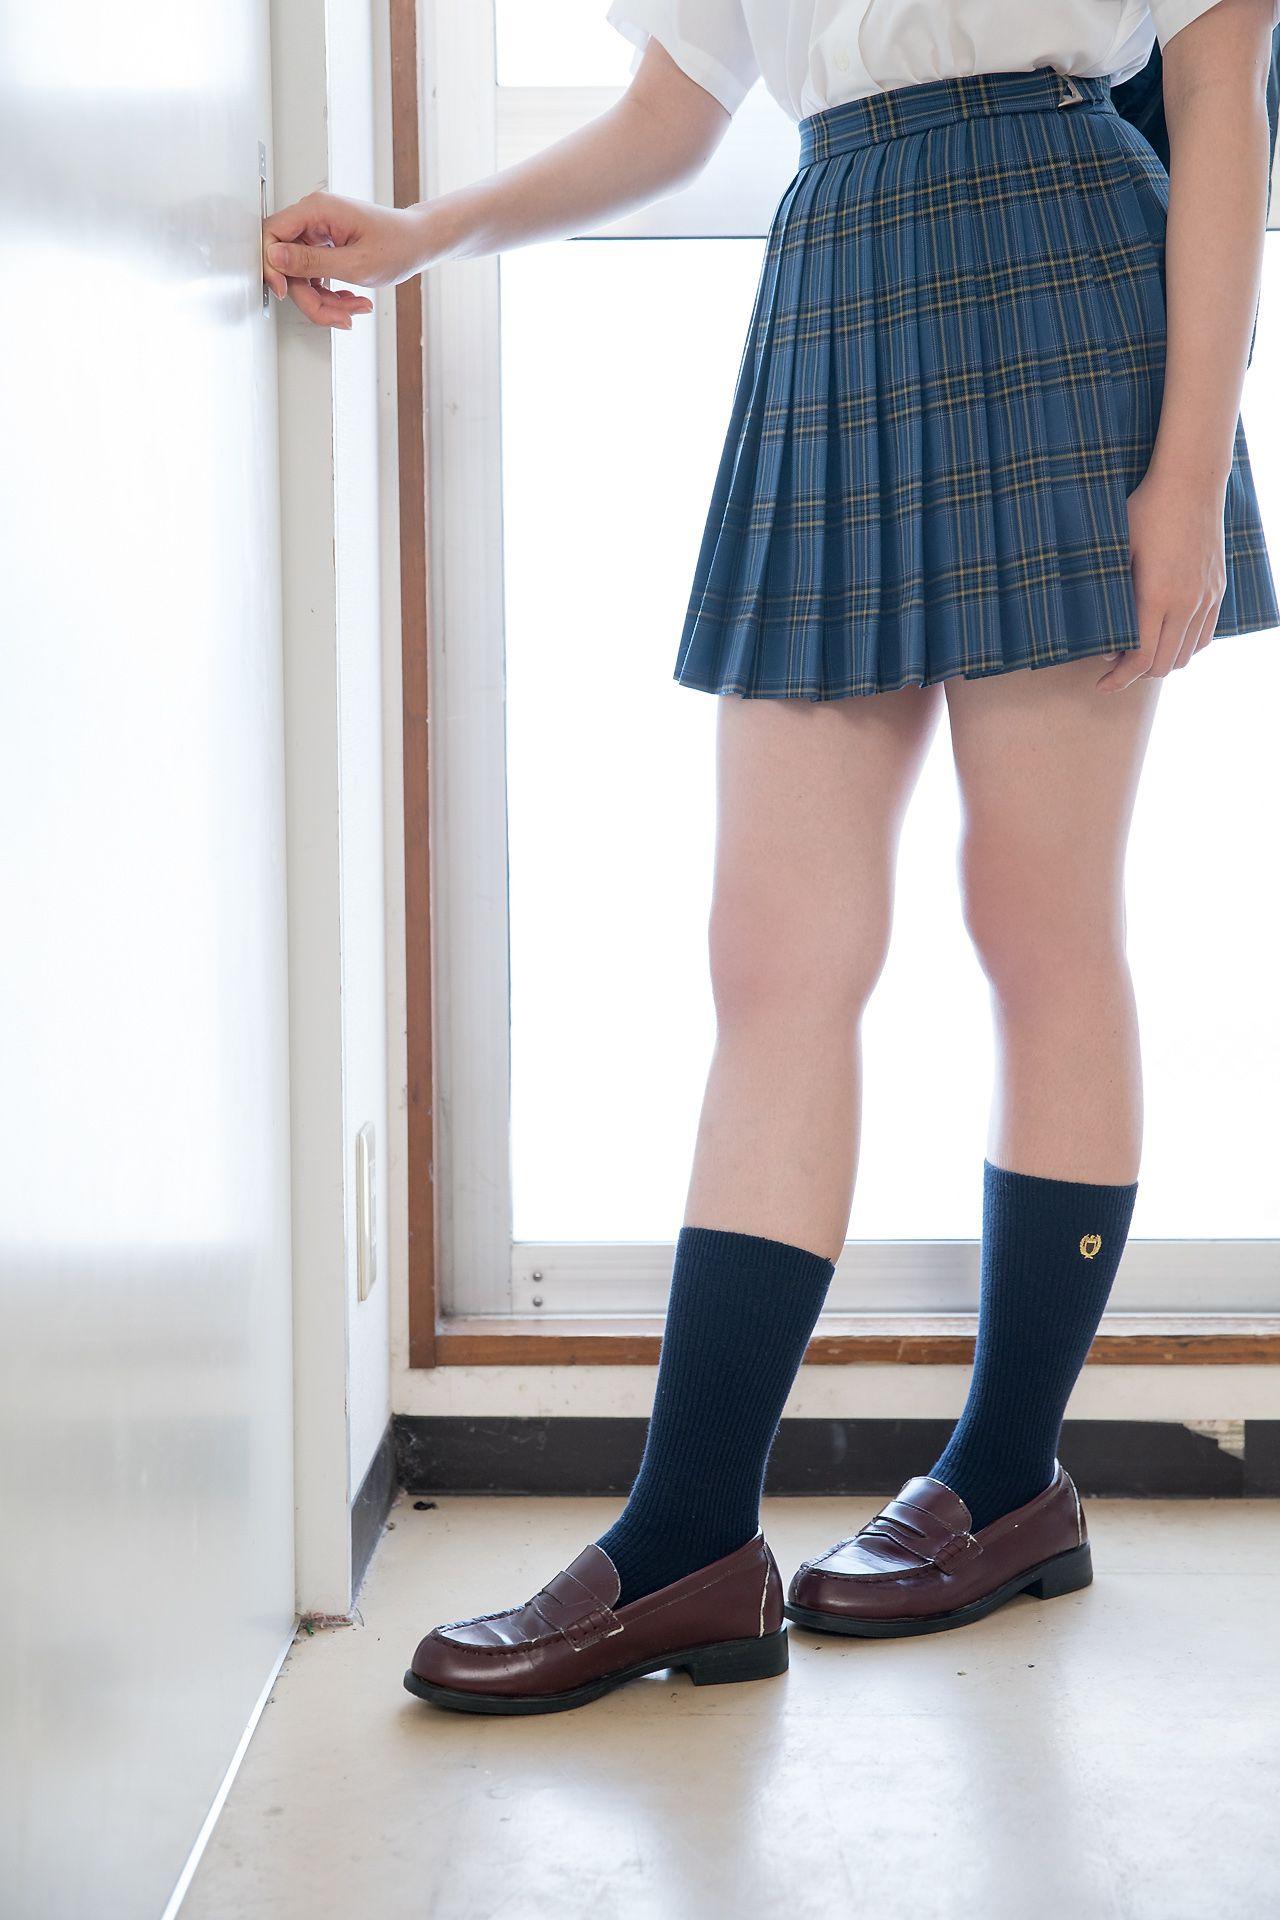 VOL.504 [Minisuka.tv]校服黑长直:柏木さりな超高清写真套图(52P)